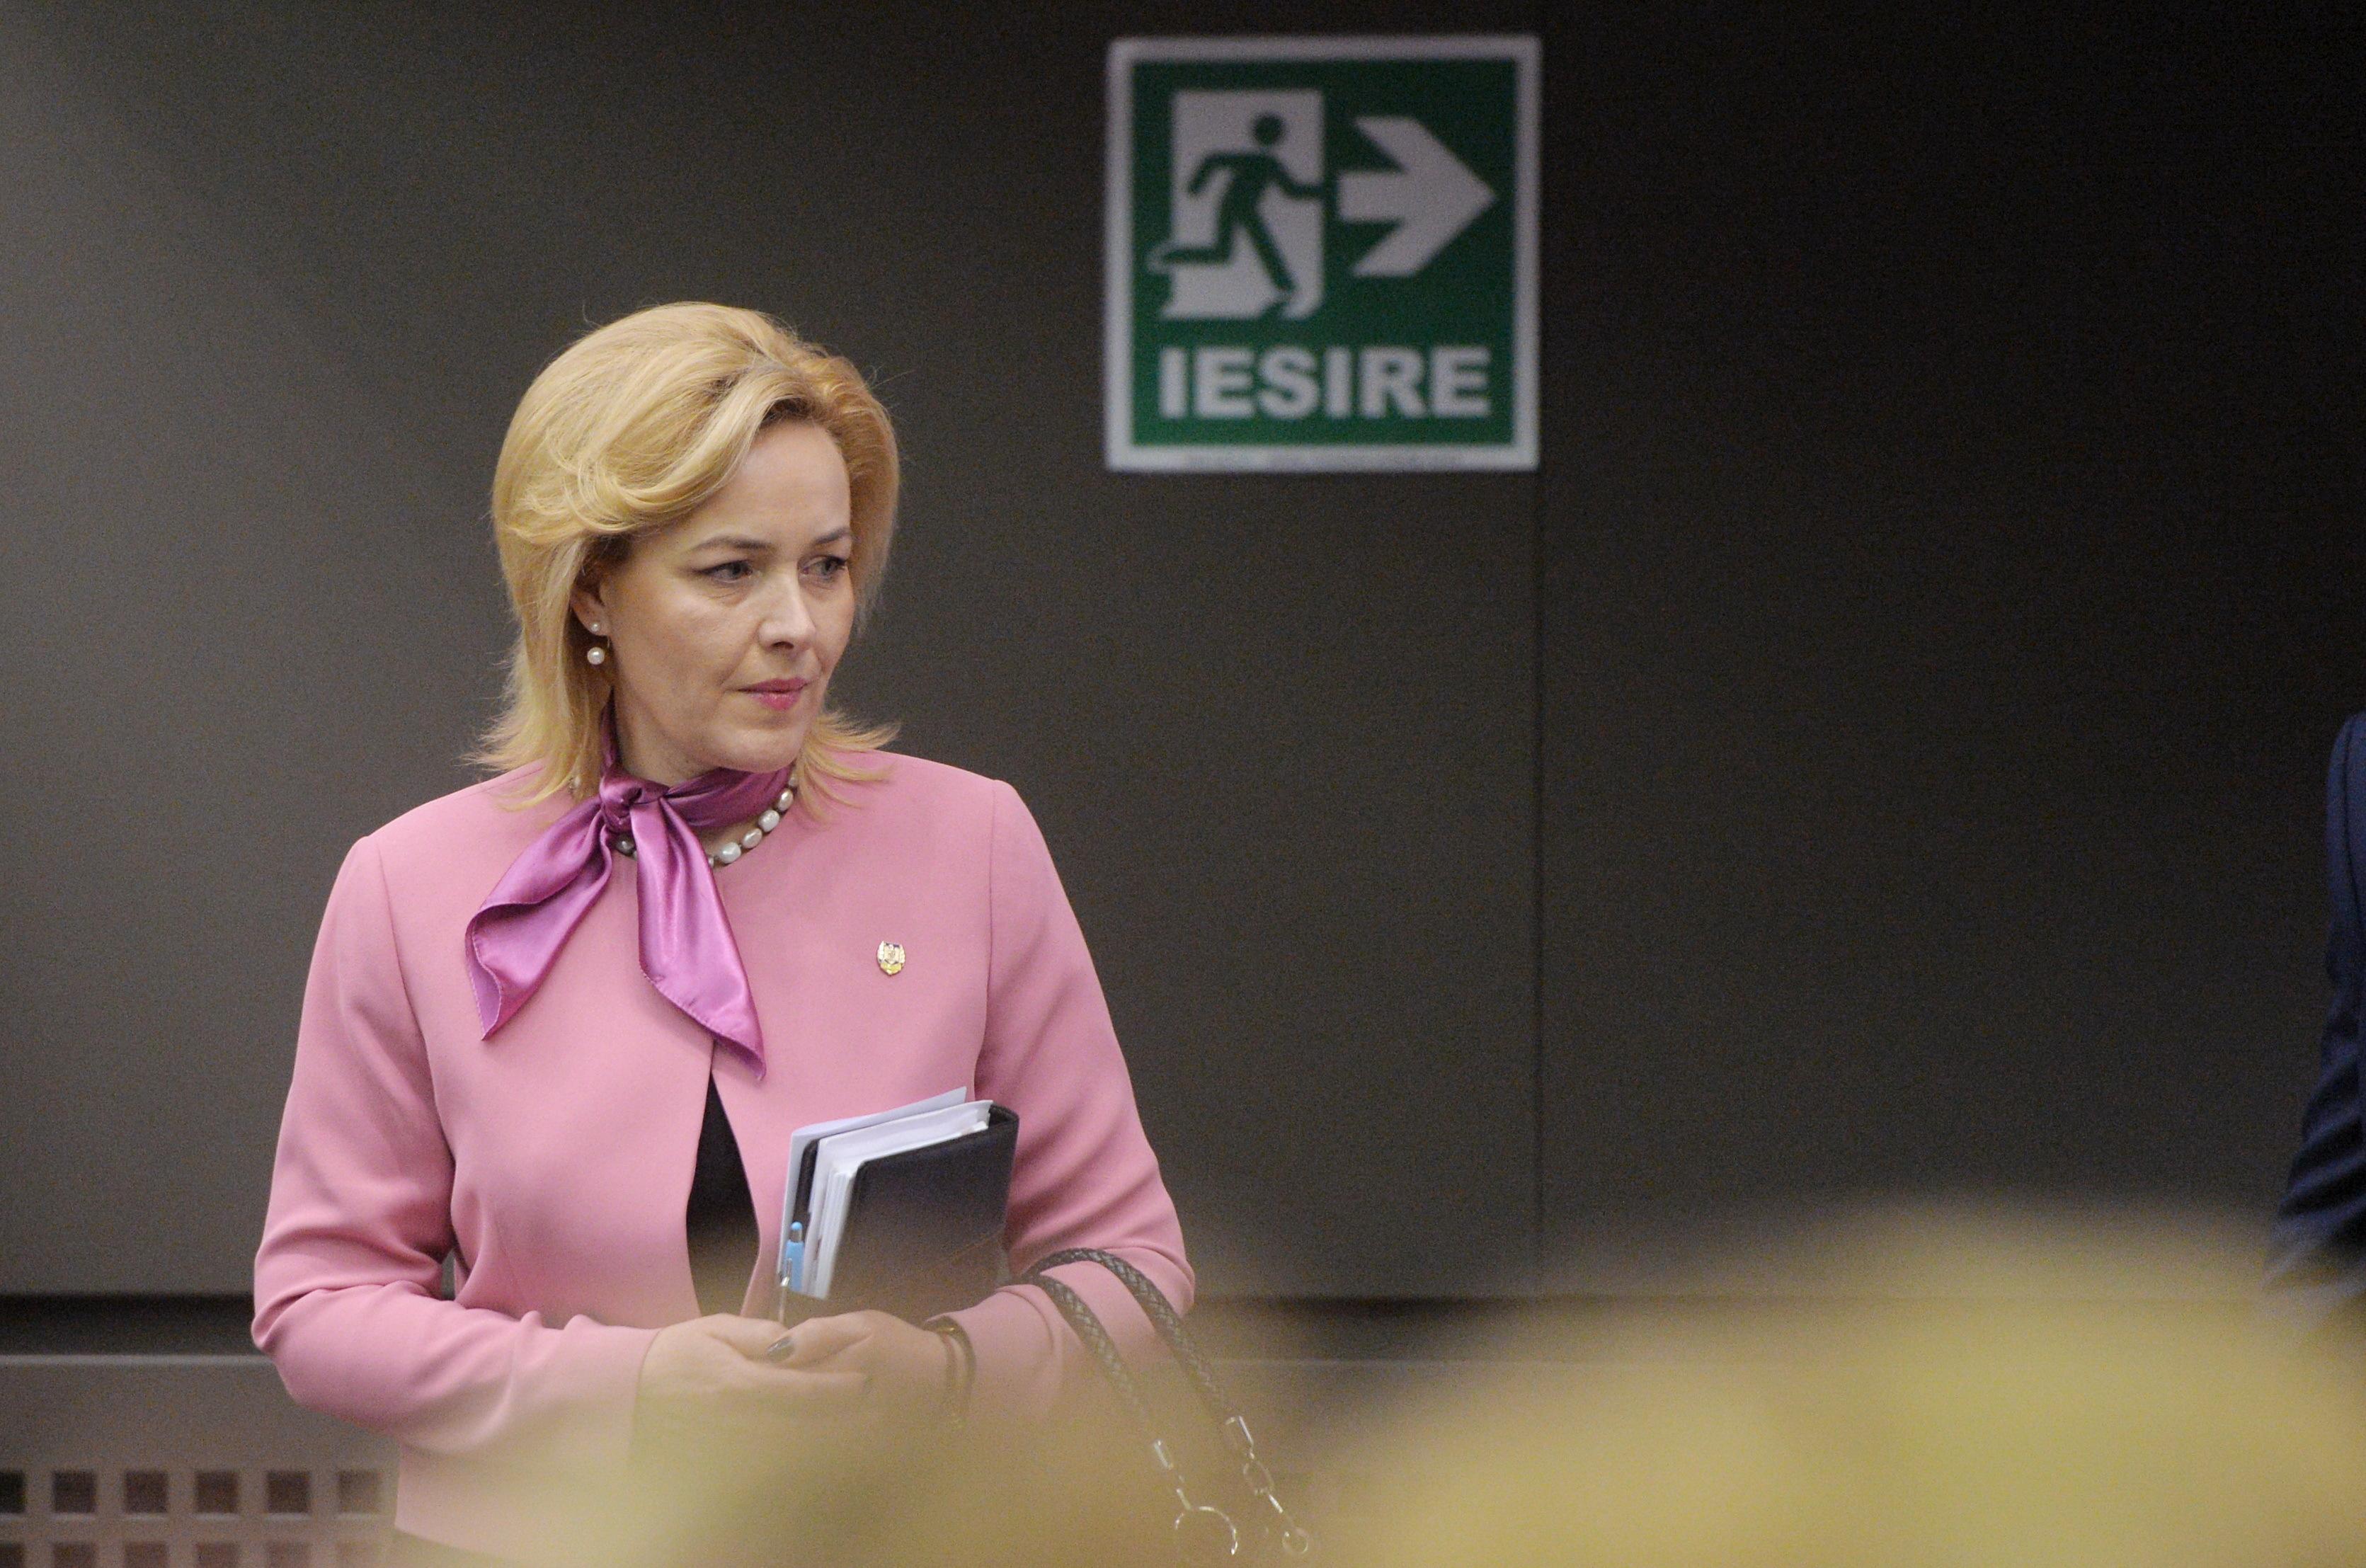 Vor lucra gratis | Toţi cei cinci consilieri ai ministrului Carmen Dan, care beneficiază şi de pensie şi de salariu, renunţă la indemnizaţii